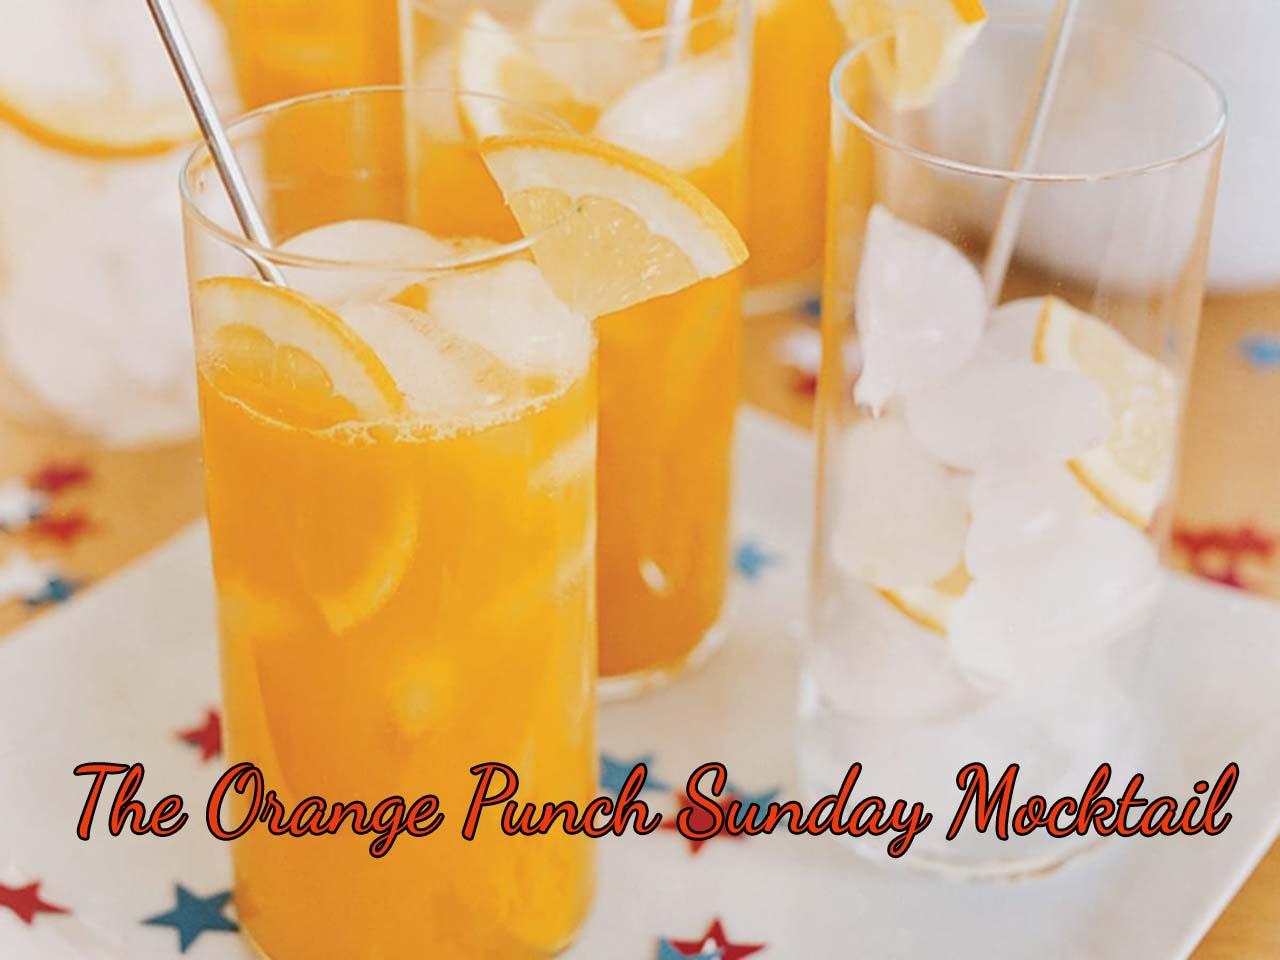 The Orange Punch Sunday Mocktail